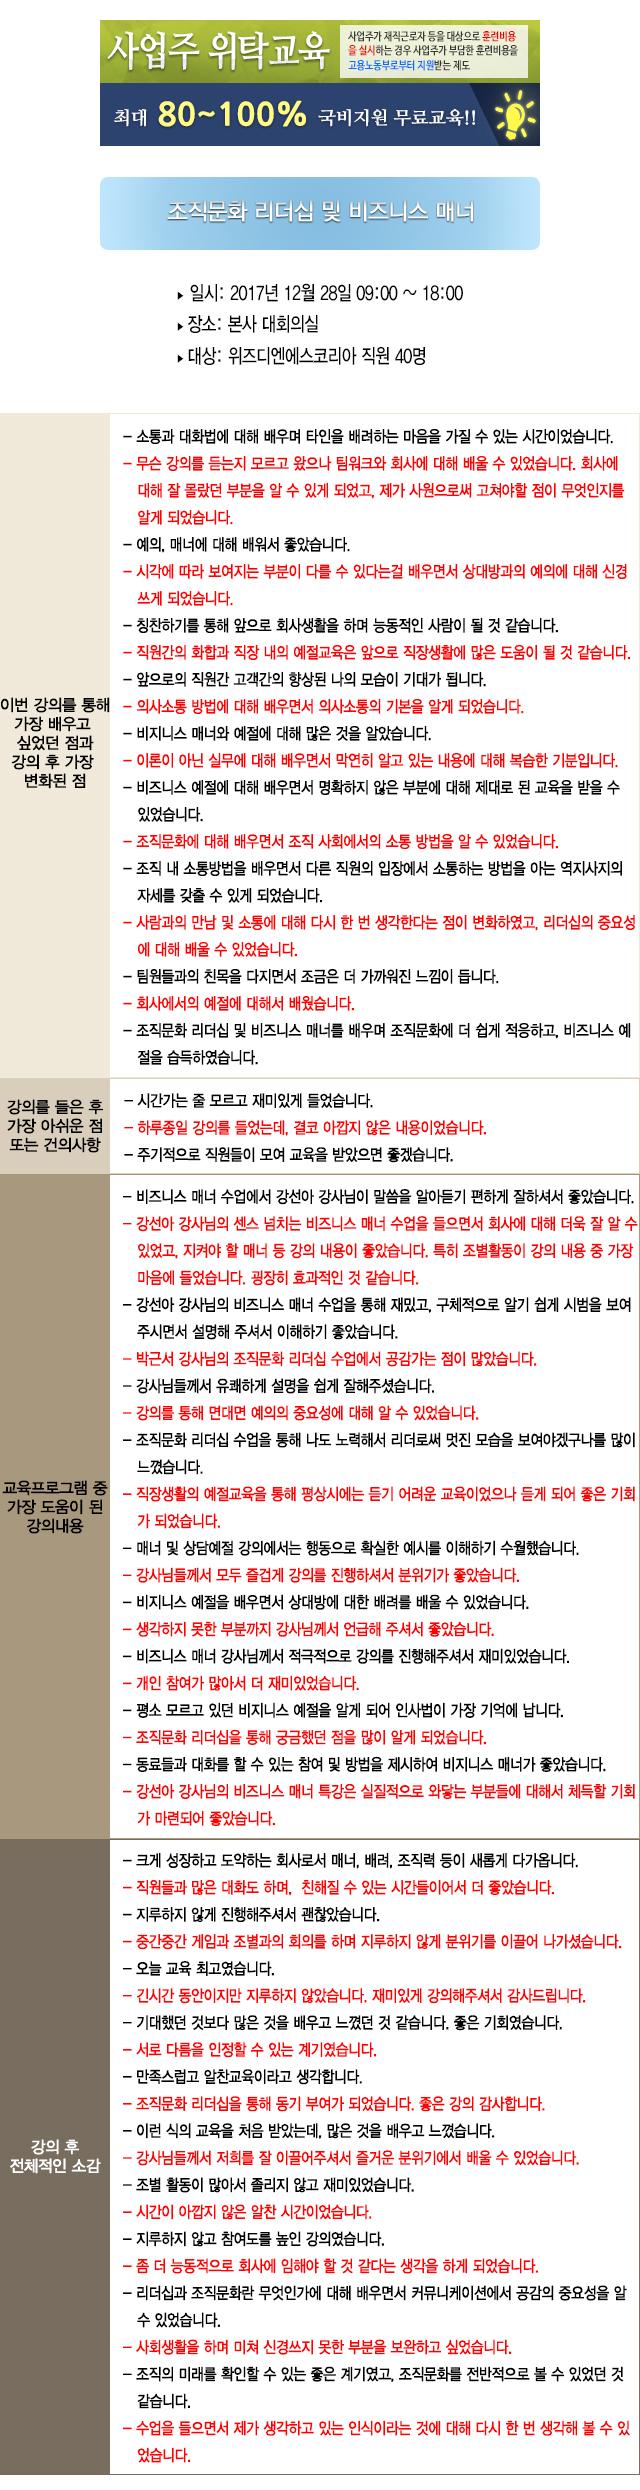 한국중앙인재개발원 후기 위즈디엔에스코리아.jpg